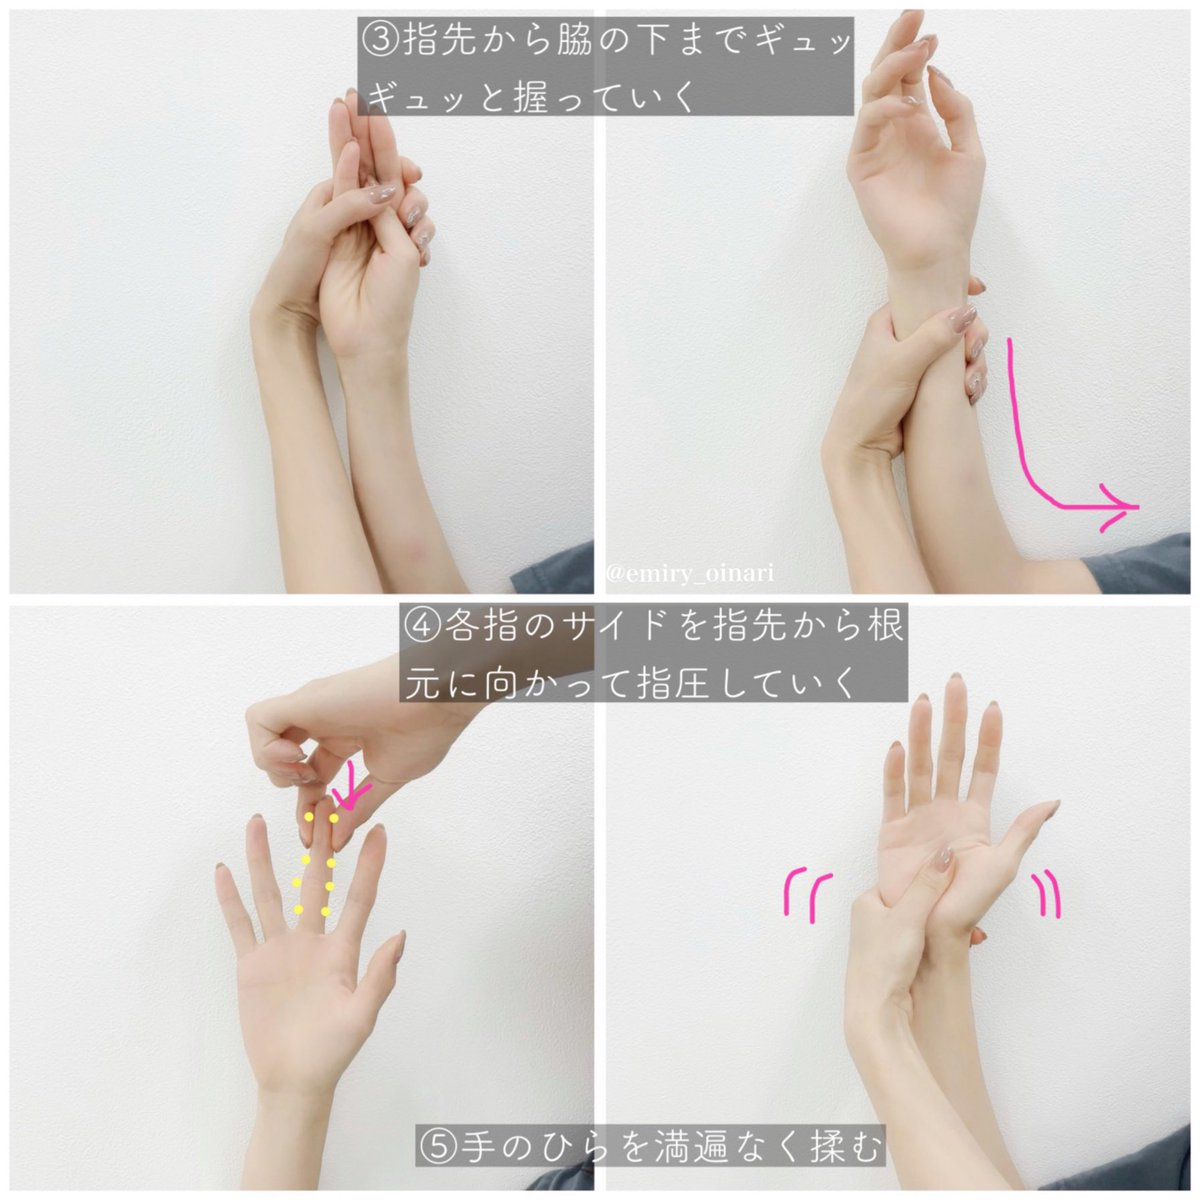 「手が痩せる方法」は浮腫をなくすこと!?だまされたと思ってやってみて!